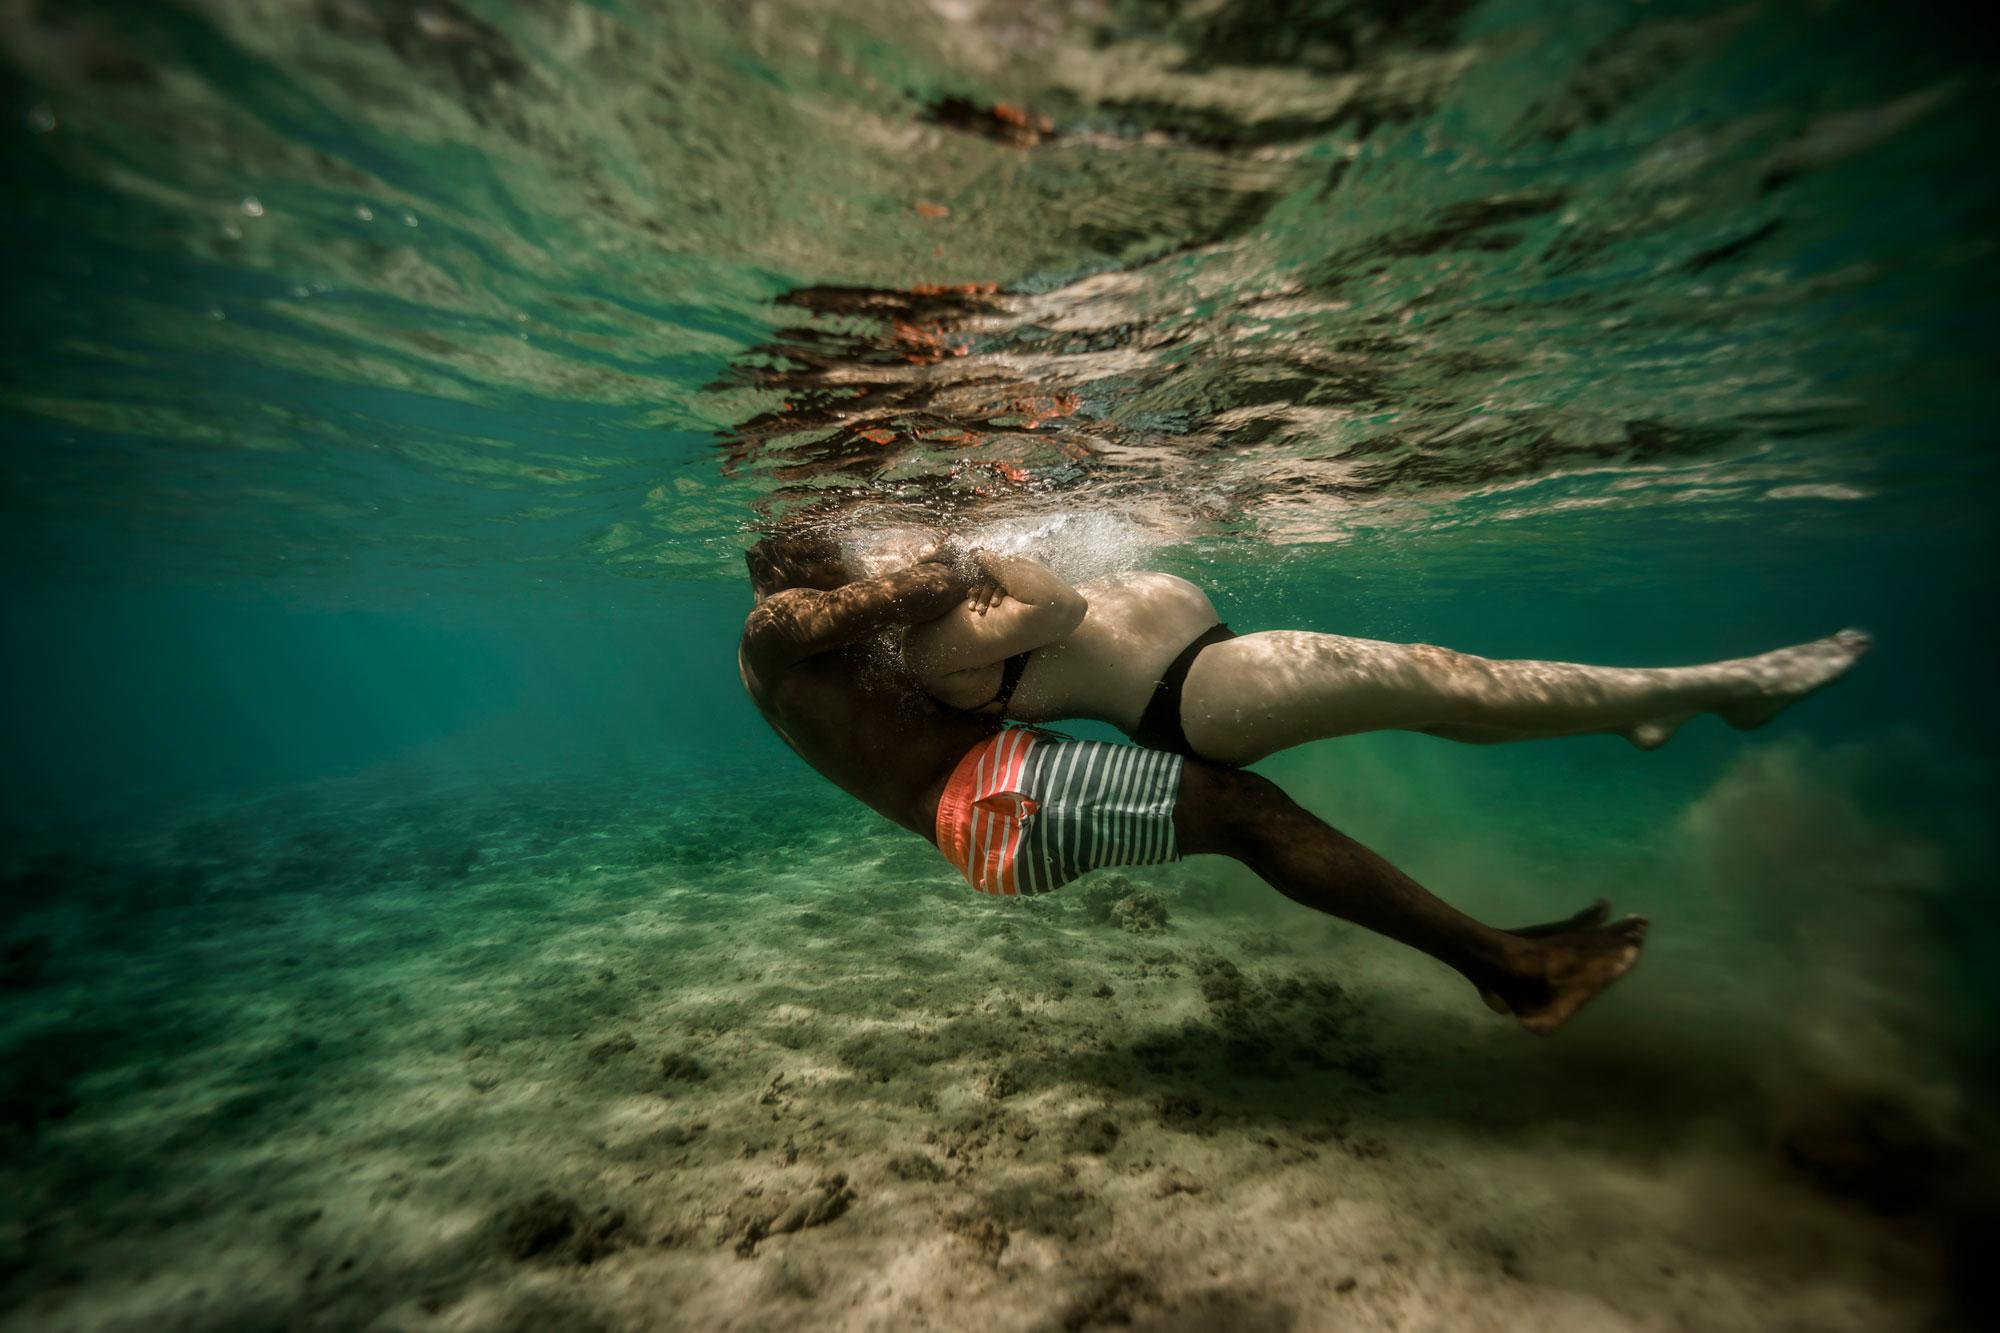 Kauai-Underwater-Maternity-Photographer-23.jpg